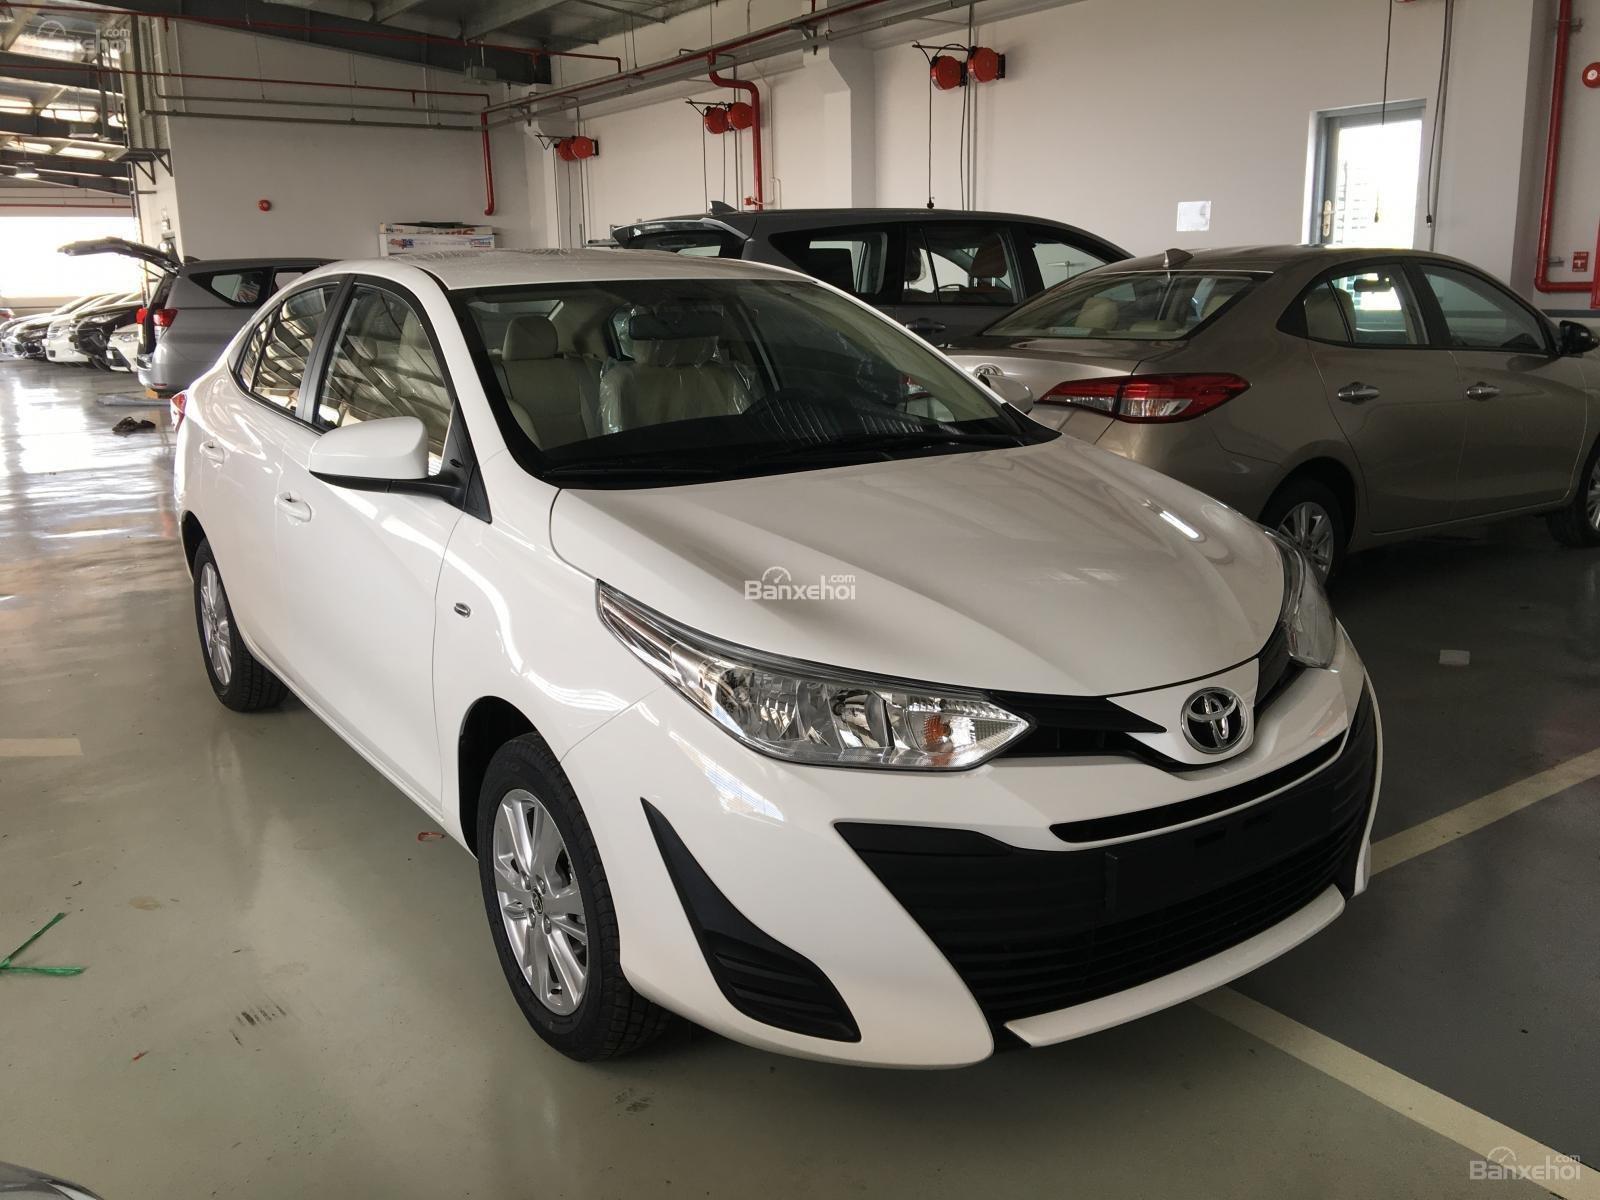 Toyota Vios 2018 - Trả trước 100 triệu nhận xe ngay, tặng bảo hiểm + camera + DVD, LH 0946766699 (Phương)-1